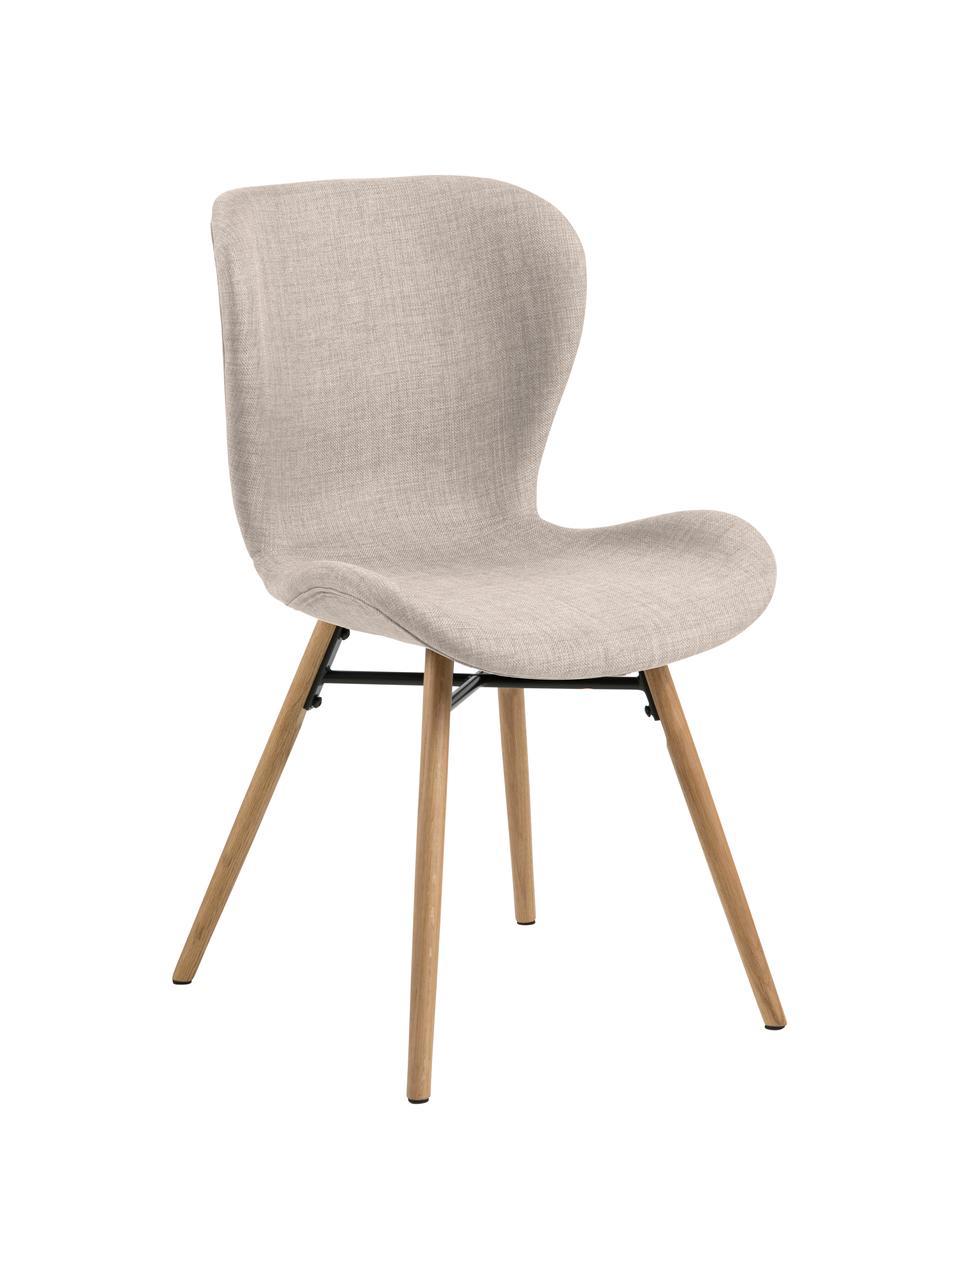 Krzesło tapicerowane Batilda, 2 szt., Tapicerka: poliester Dzięki tkaninie, Nogi: lite drewno dębowe, lakie, Odcienie piaskowego, drewno dębowe, S 47 x G 53 cm